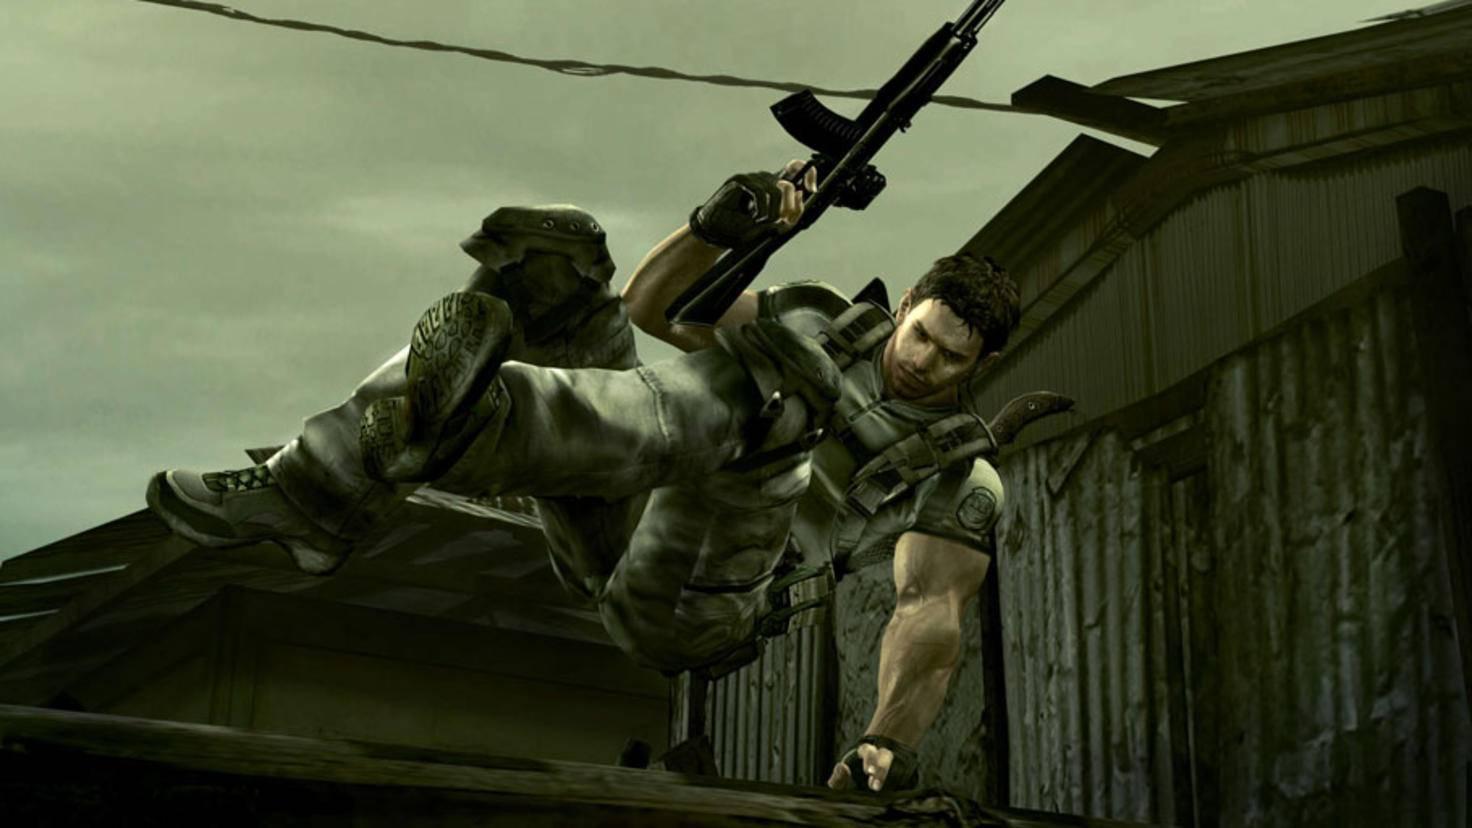 Resident-Evil-5-Chris-Redfield